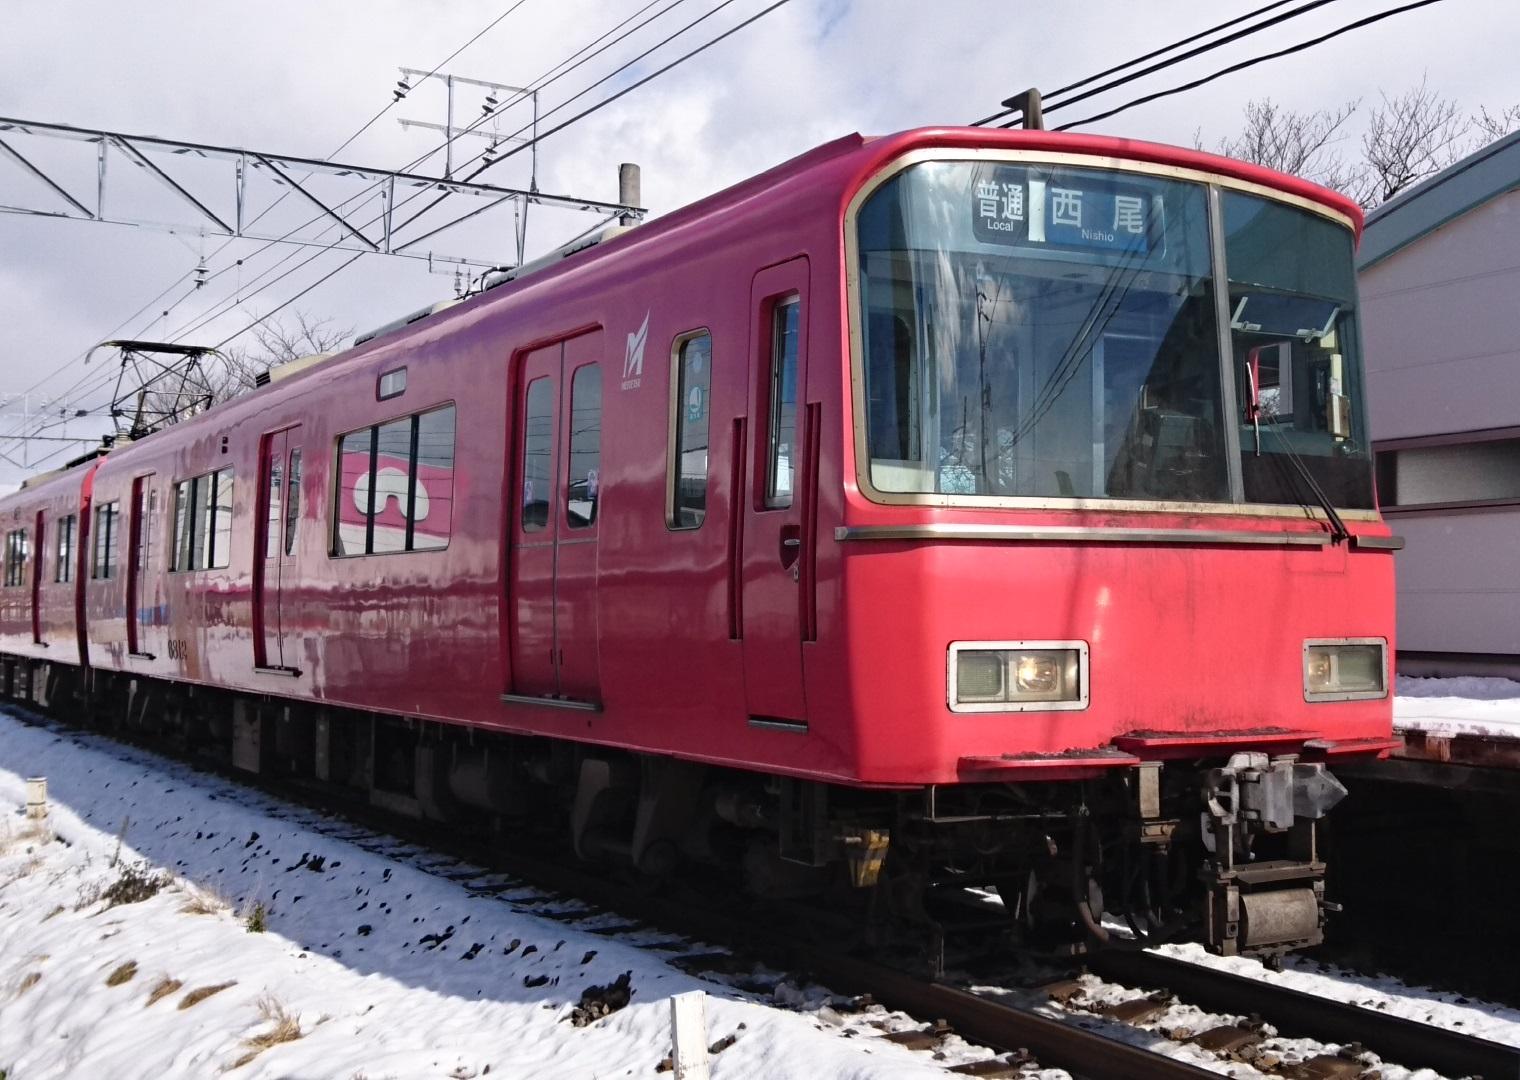 2017.1.15 西尾線 (5) 古井 - 西尾いきふつう 1520-1080